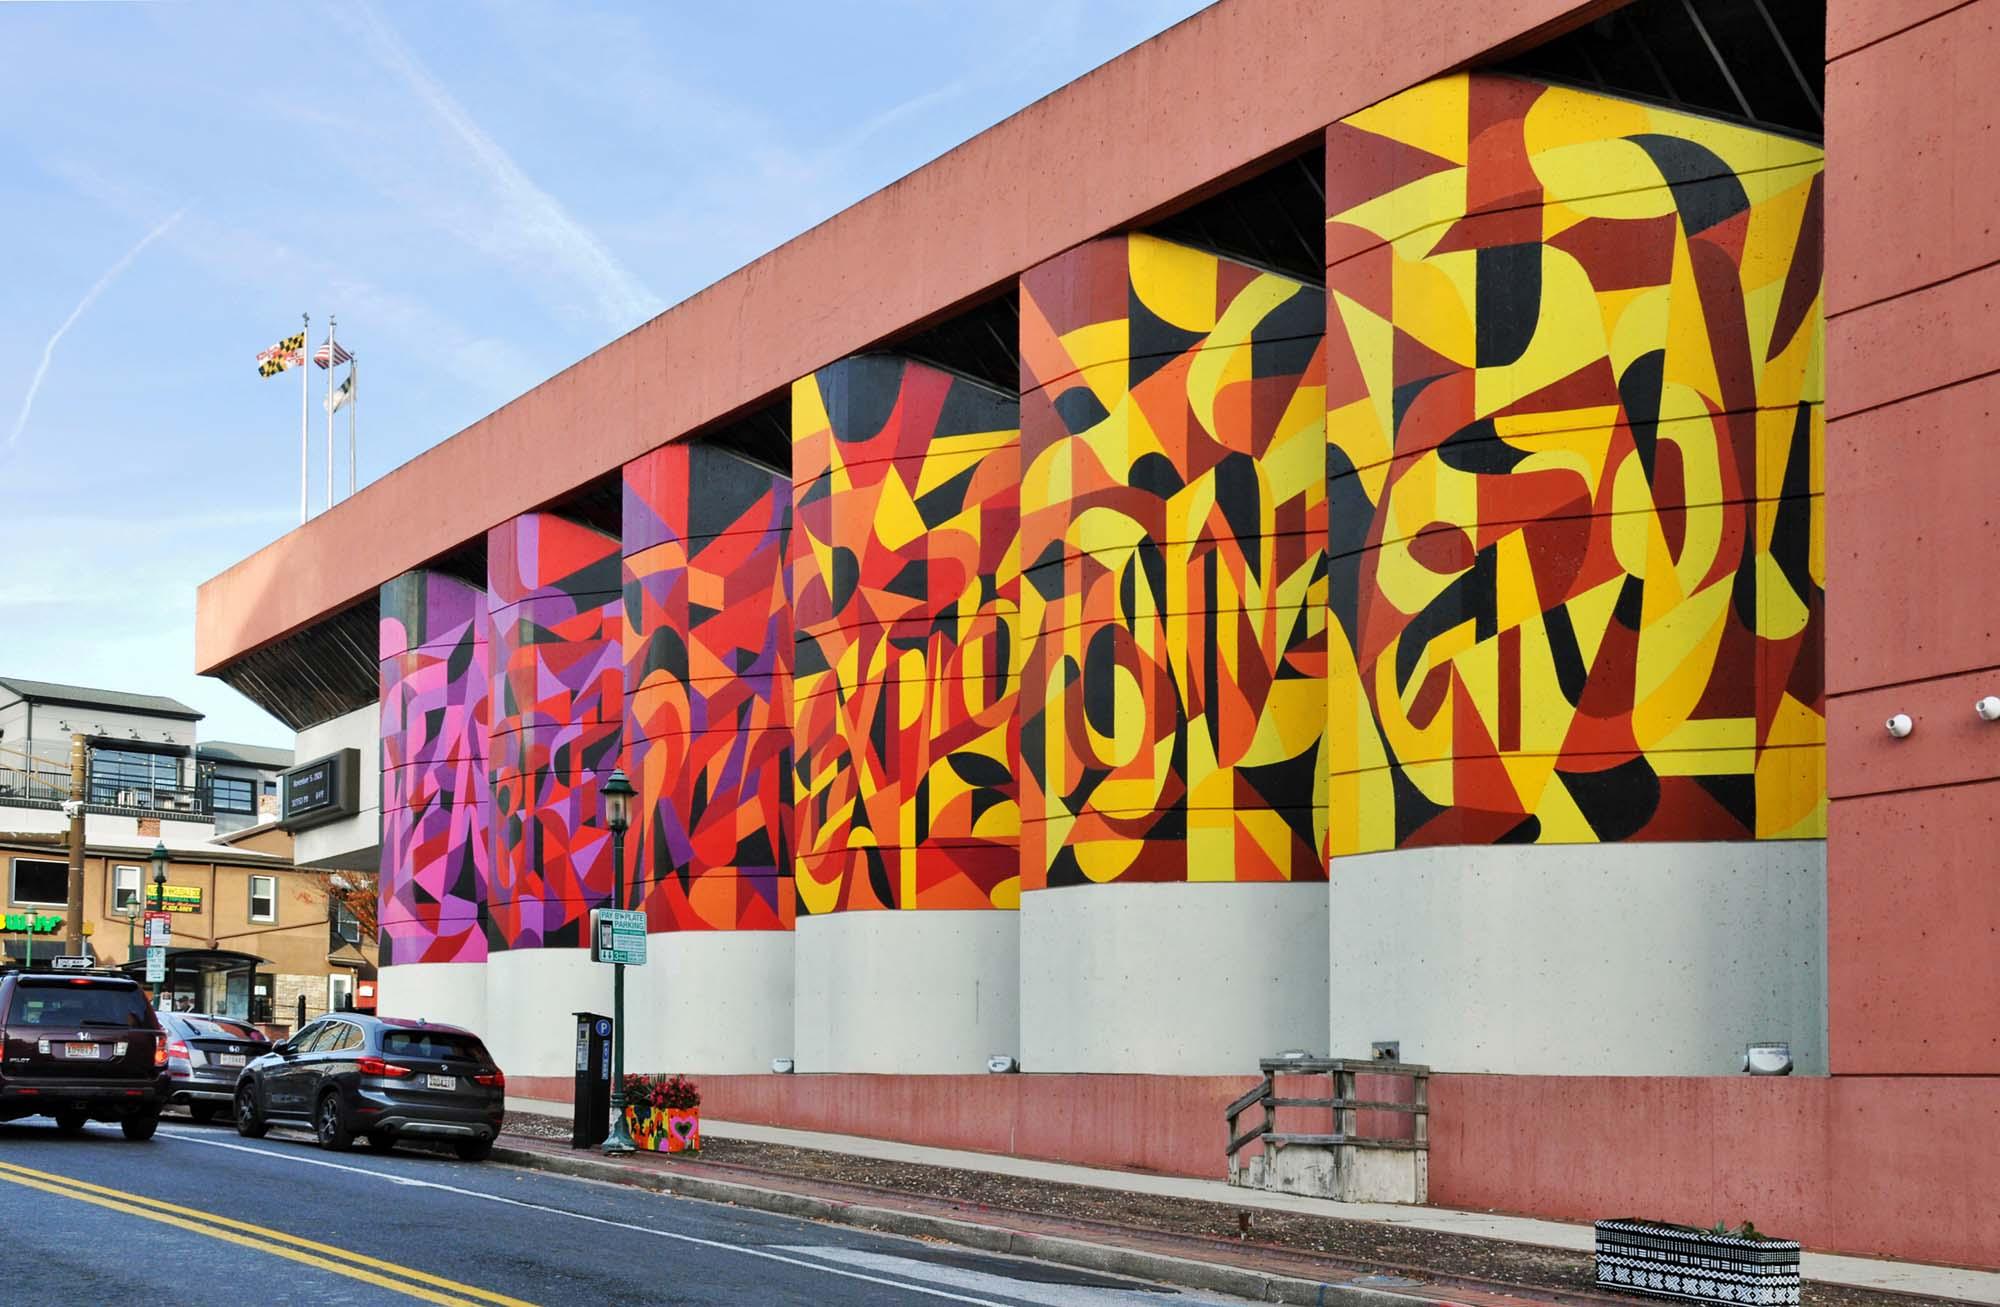 Street Art Public Art Project